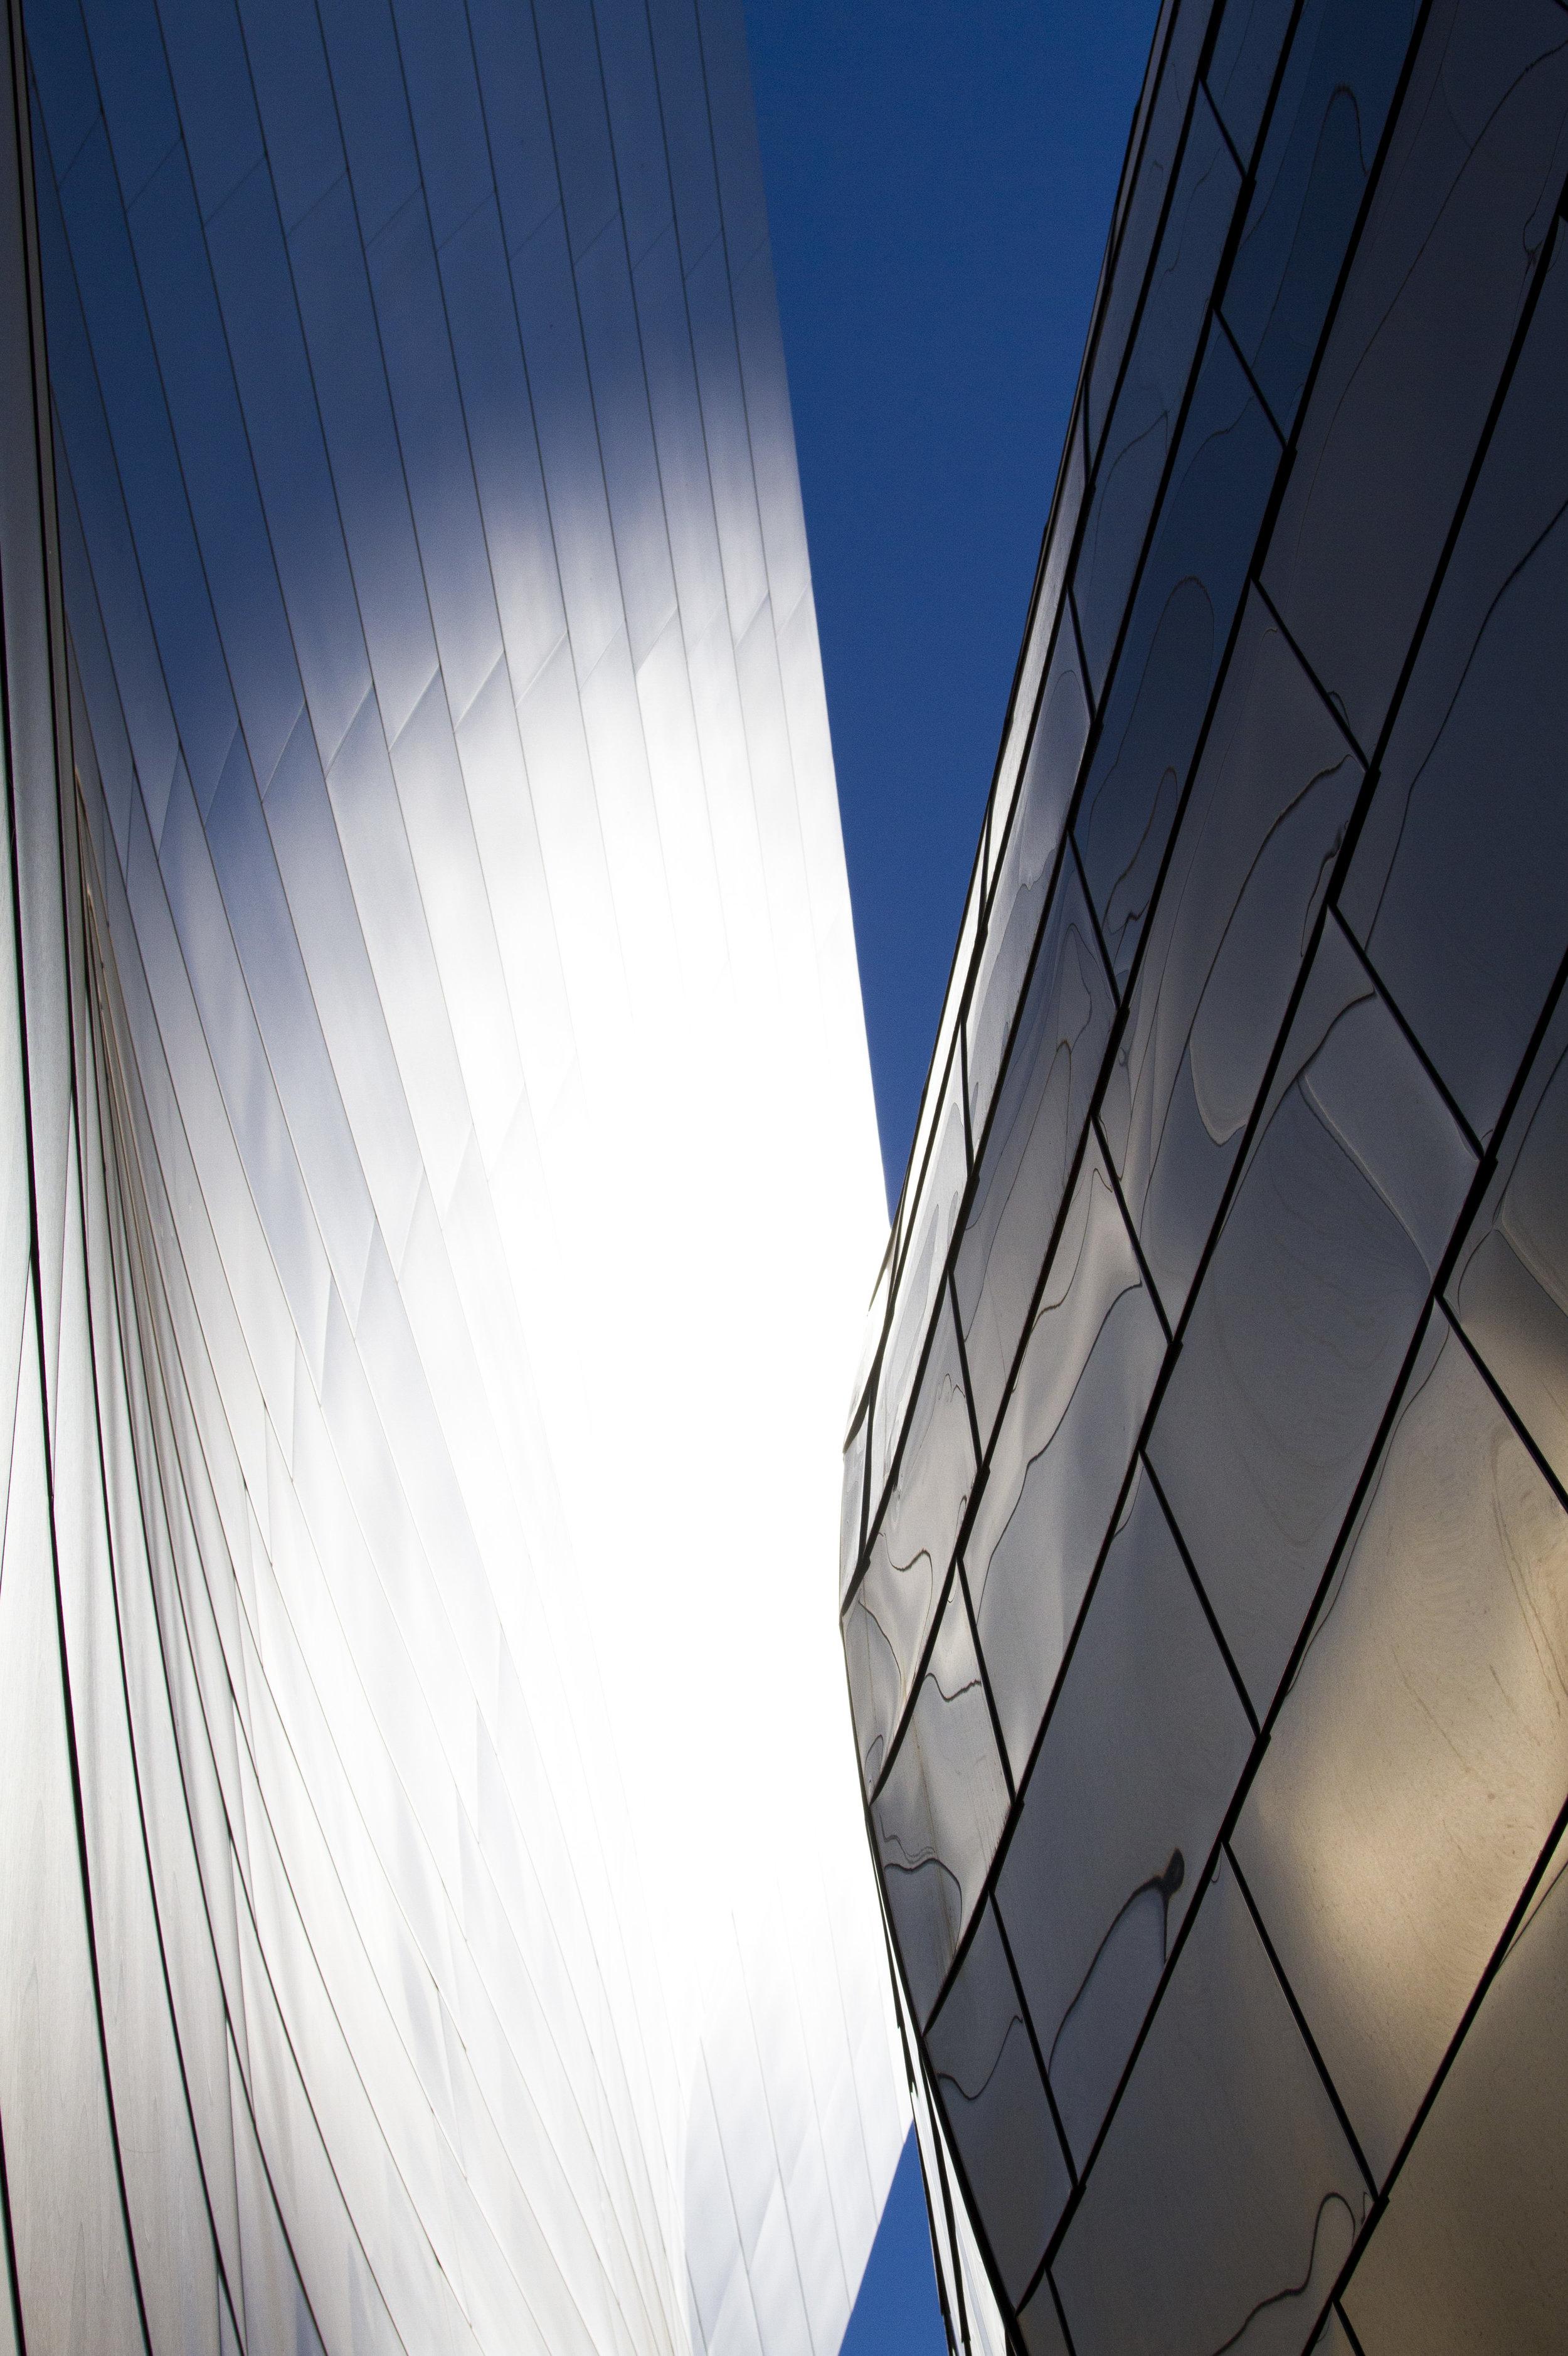 Frank Gehry's 274 million dollar Disney Concert hall.